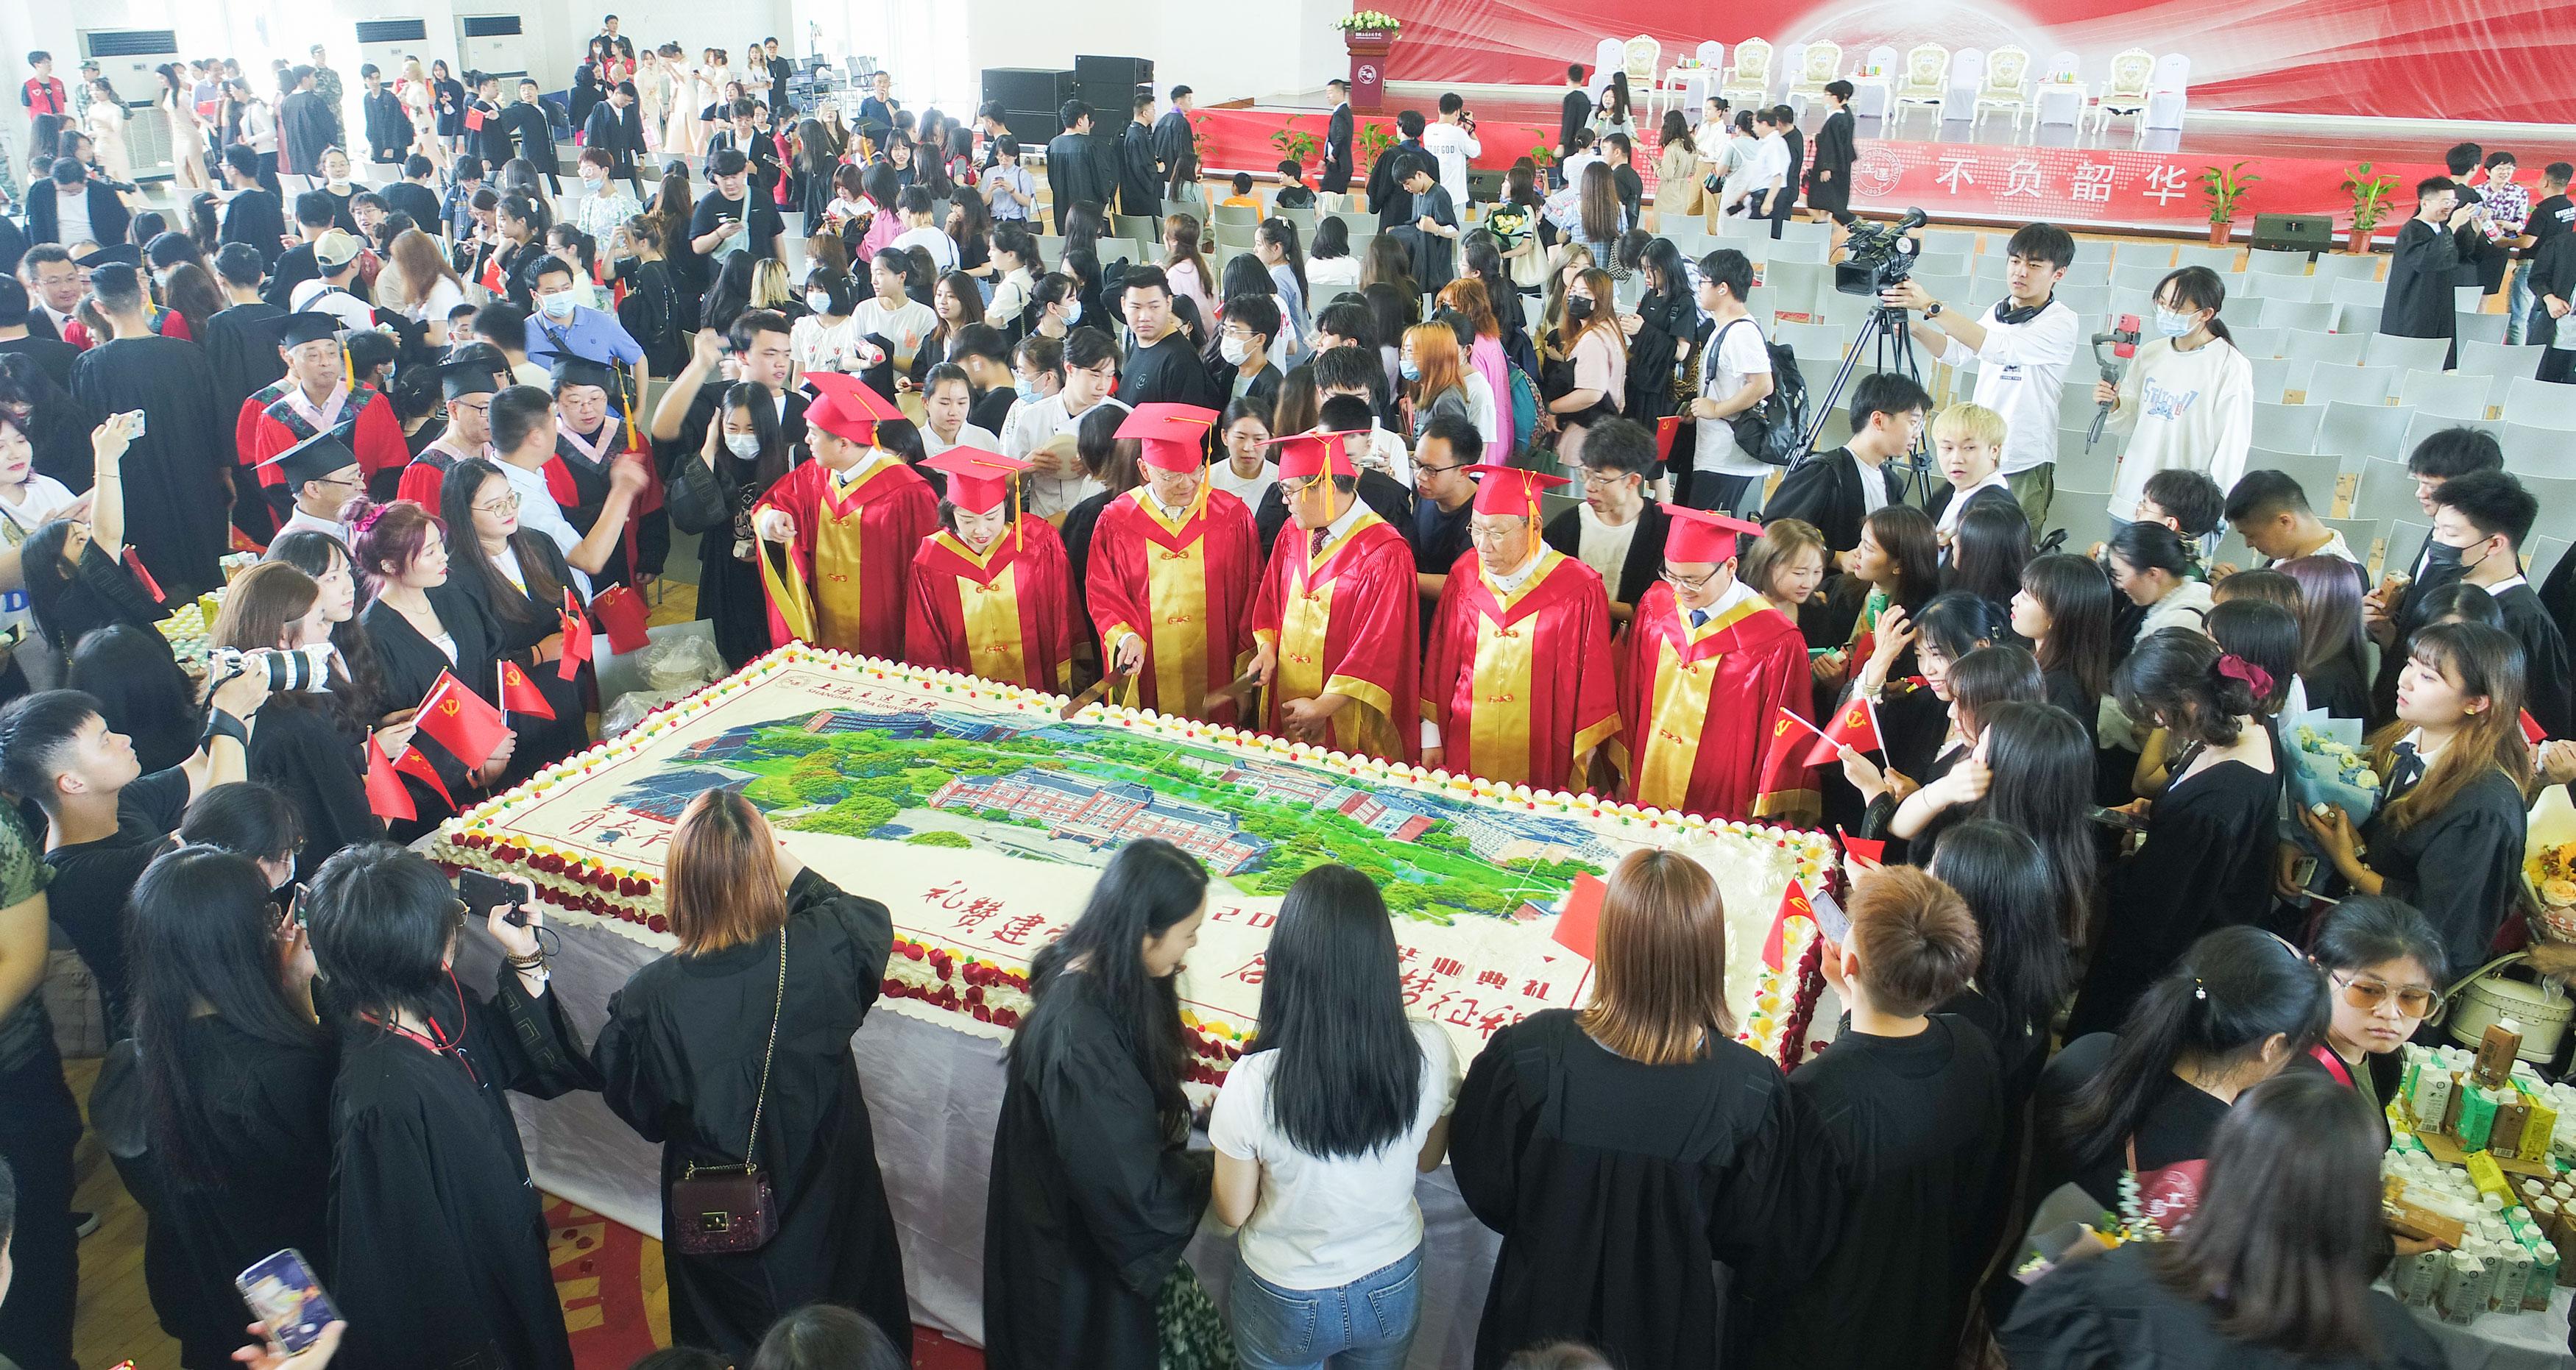 毕业典礼有吃有喝还送专属名章,千人同食比宿舍床还大的蛋糕!?亲历者:这都是常规操作……